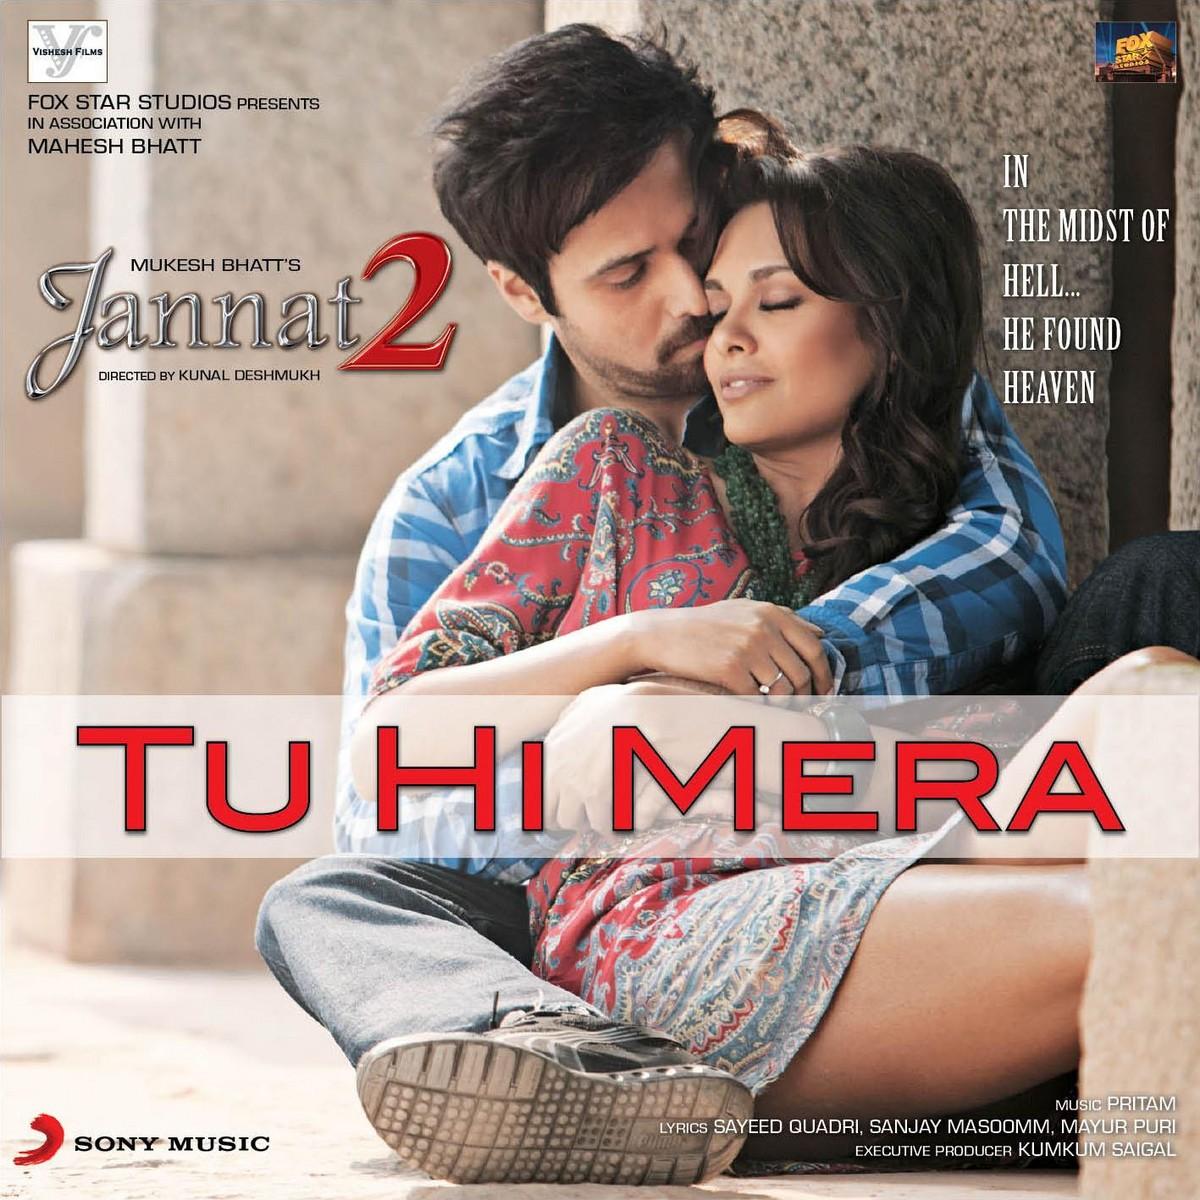 Jannat 2 - Movie Poster #4 (Original)